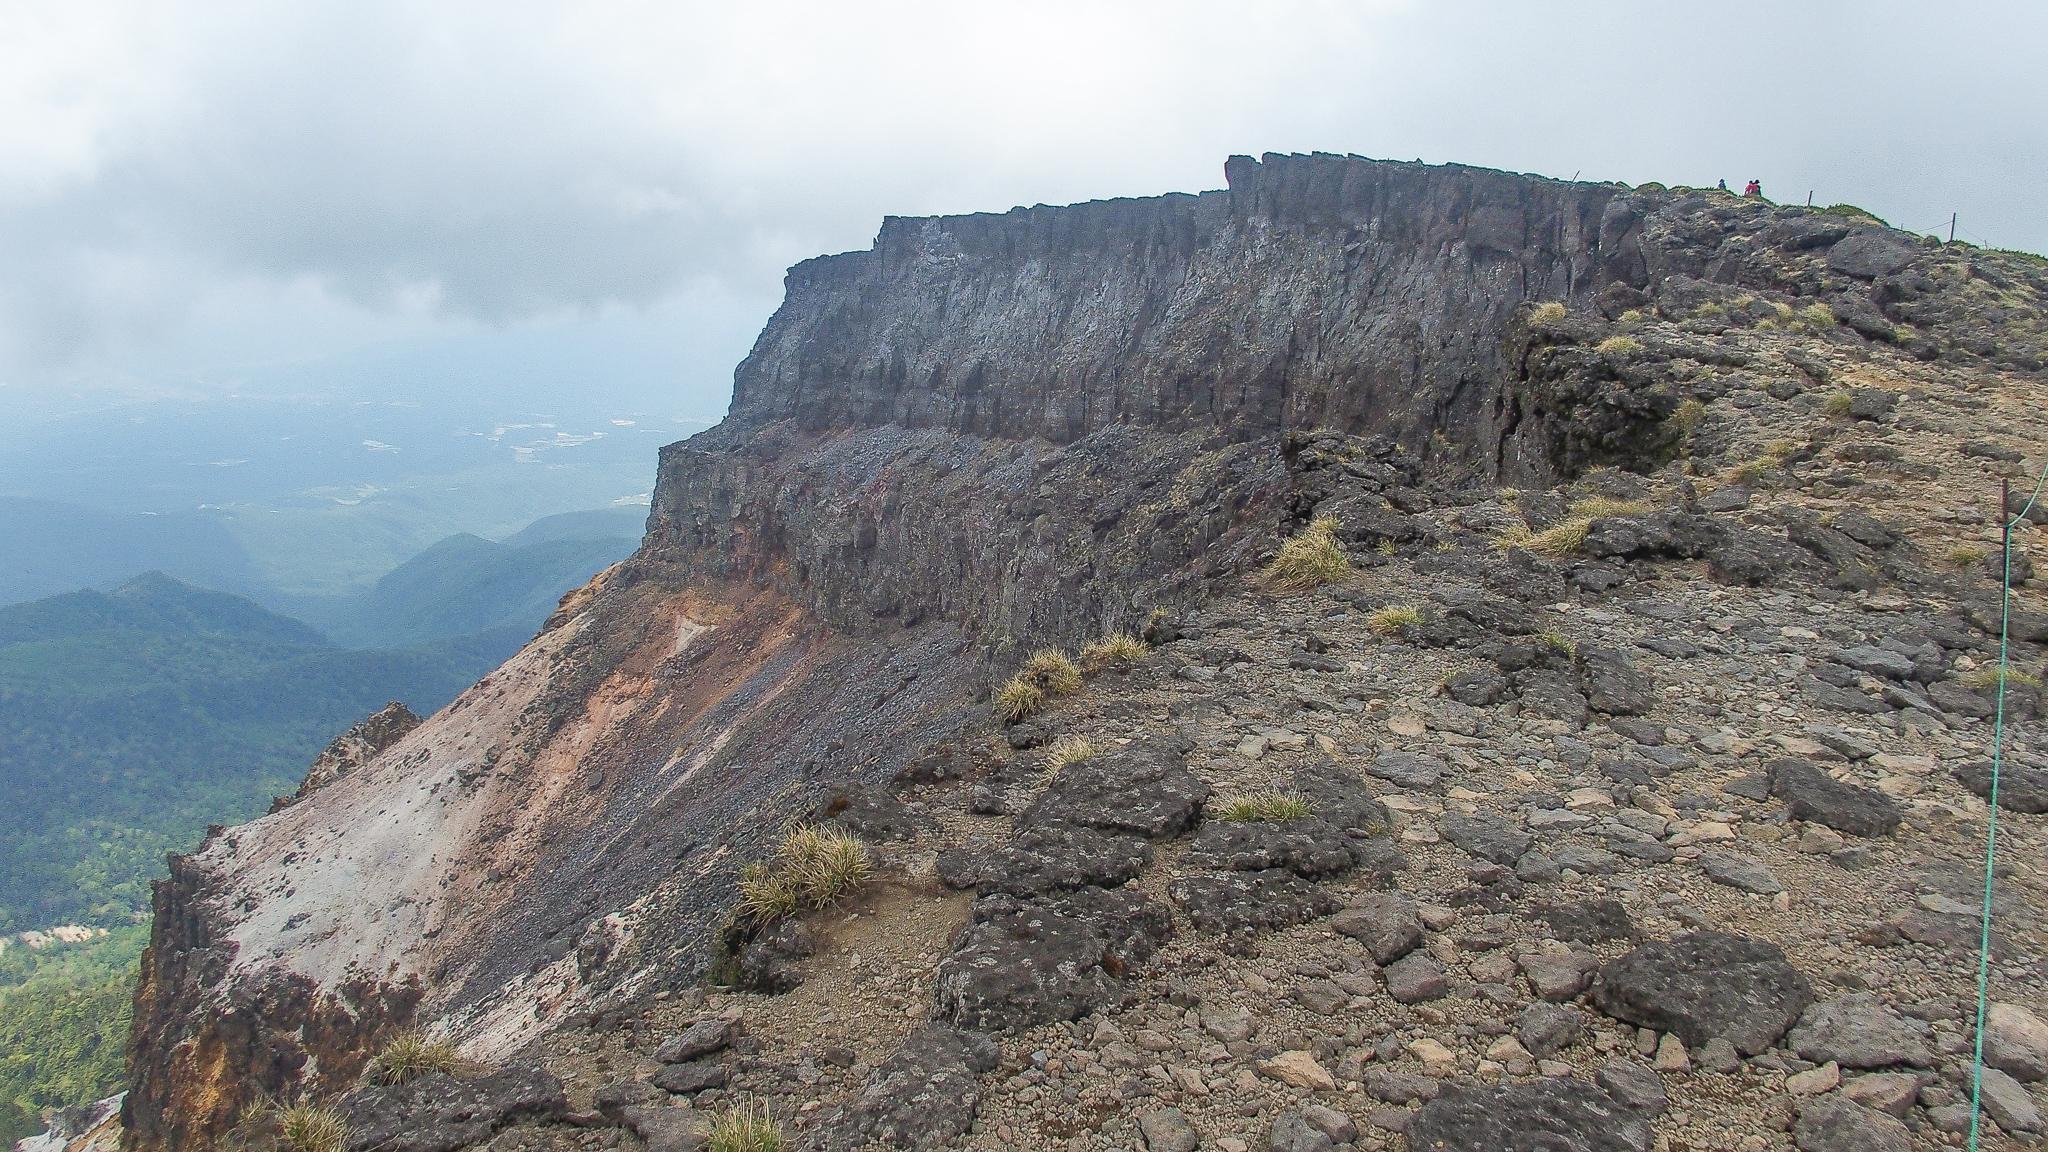 八ヶ岳(赤岳・横岳・硫黄岳)・硫黄岳の火口